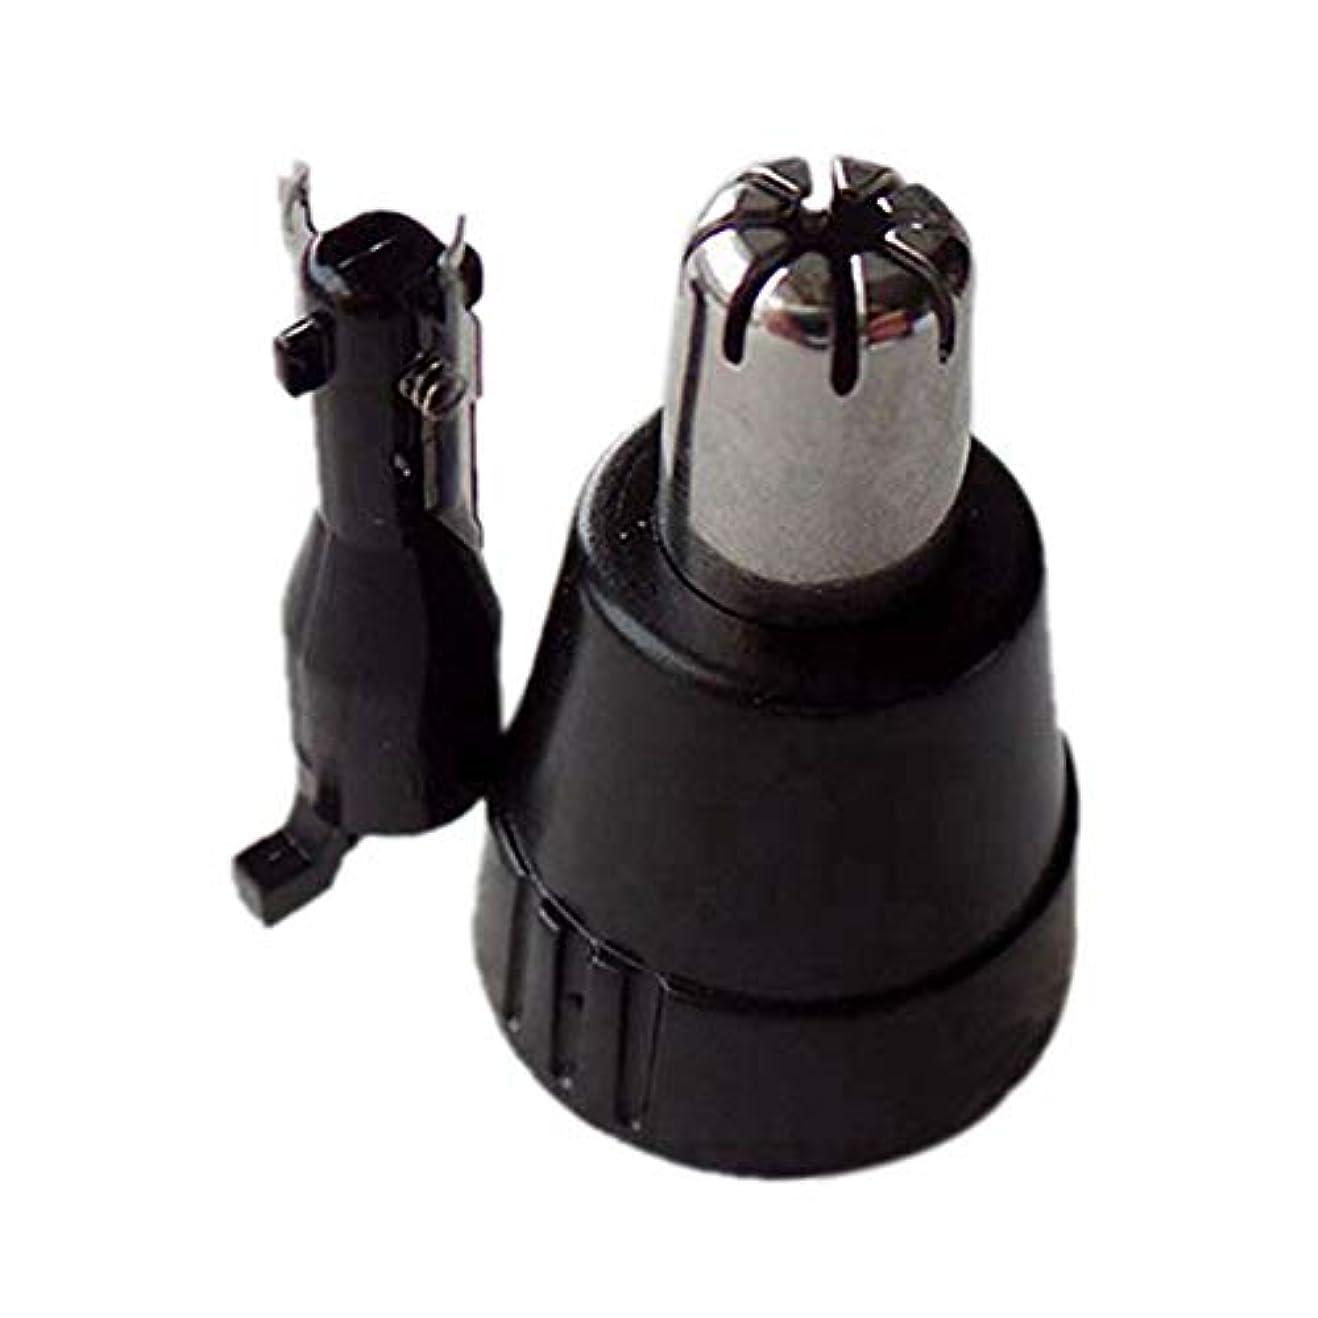 ストライク北米ロータリーHzjundasi 鼻毛カッターパーツ 内刃 外刃 替刃 耐用 高質量 for Panasonic 鼻毛カッター ER-GN30/-GN10